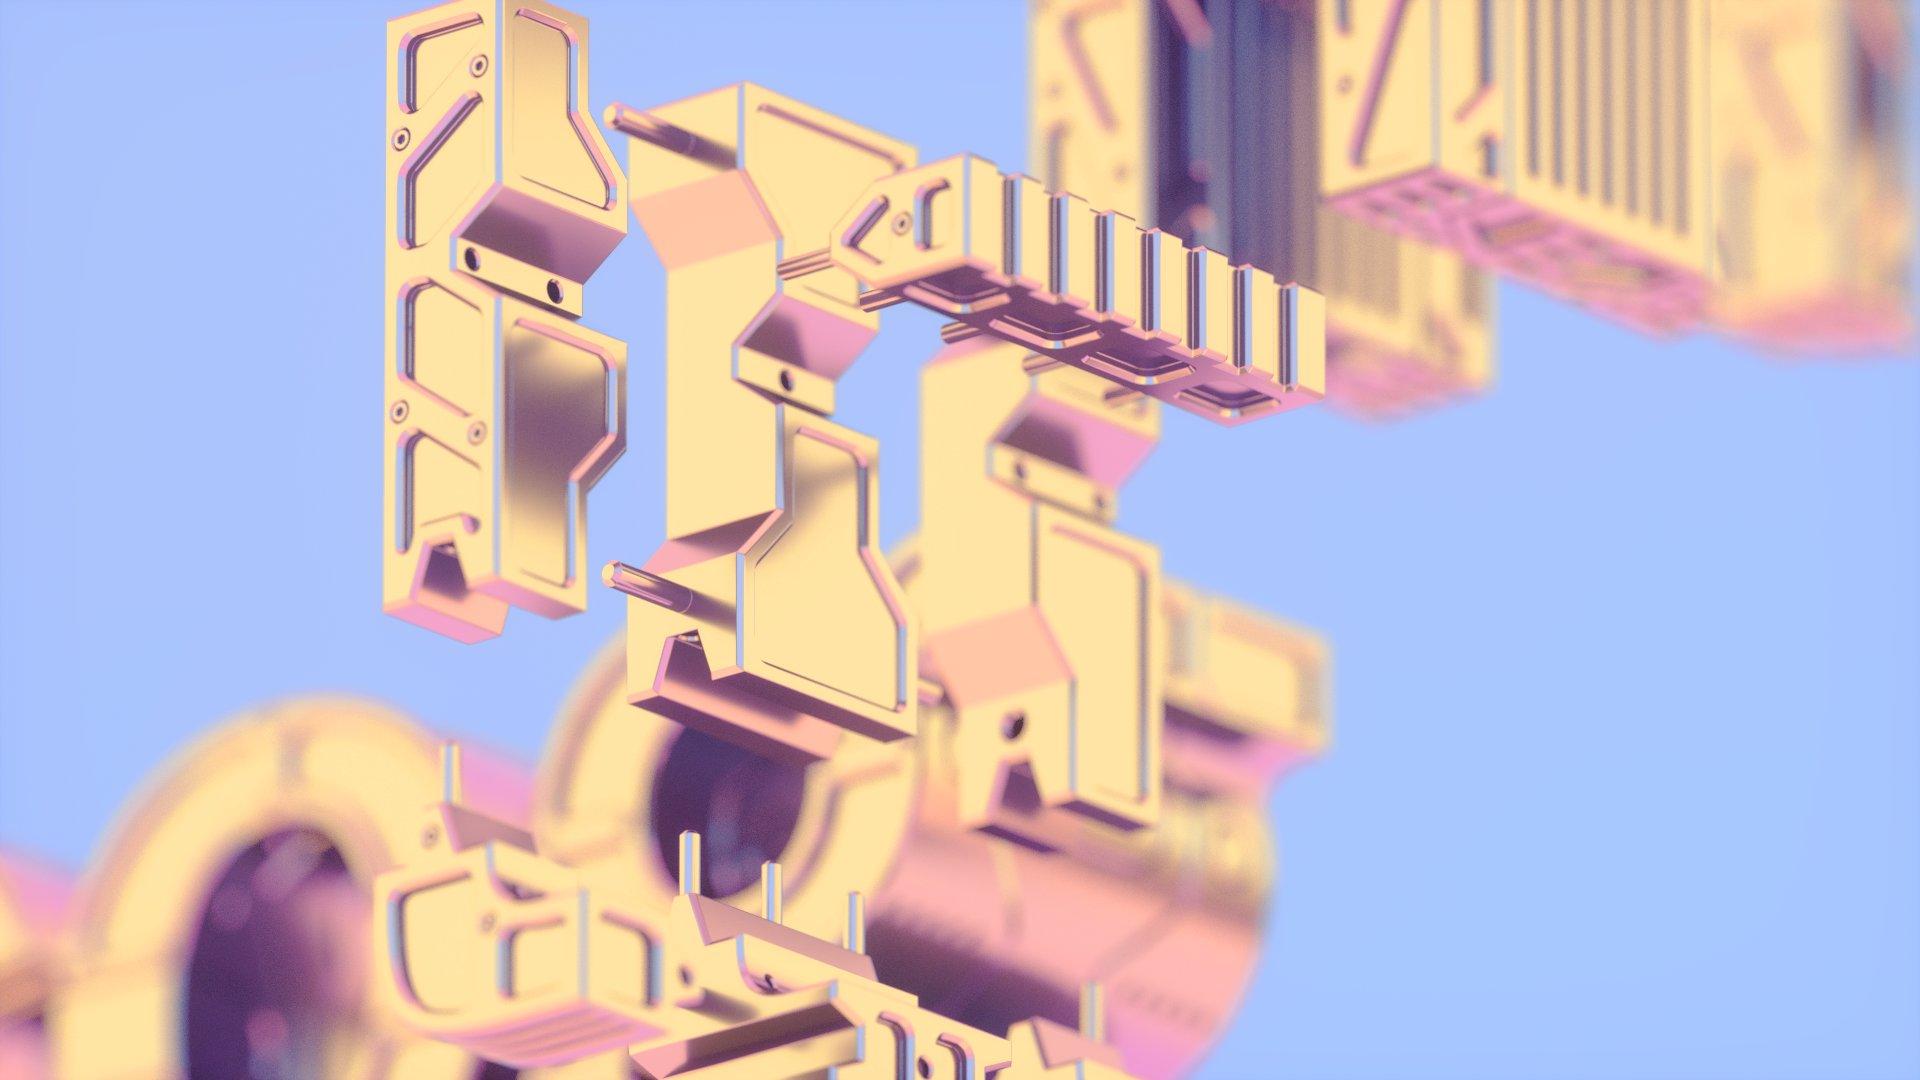 cognition_machine_still_web_5